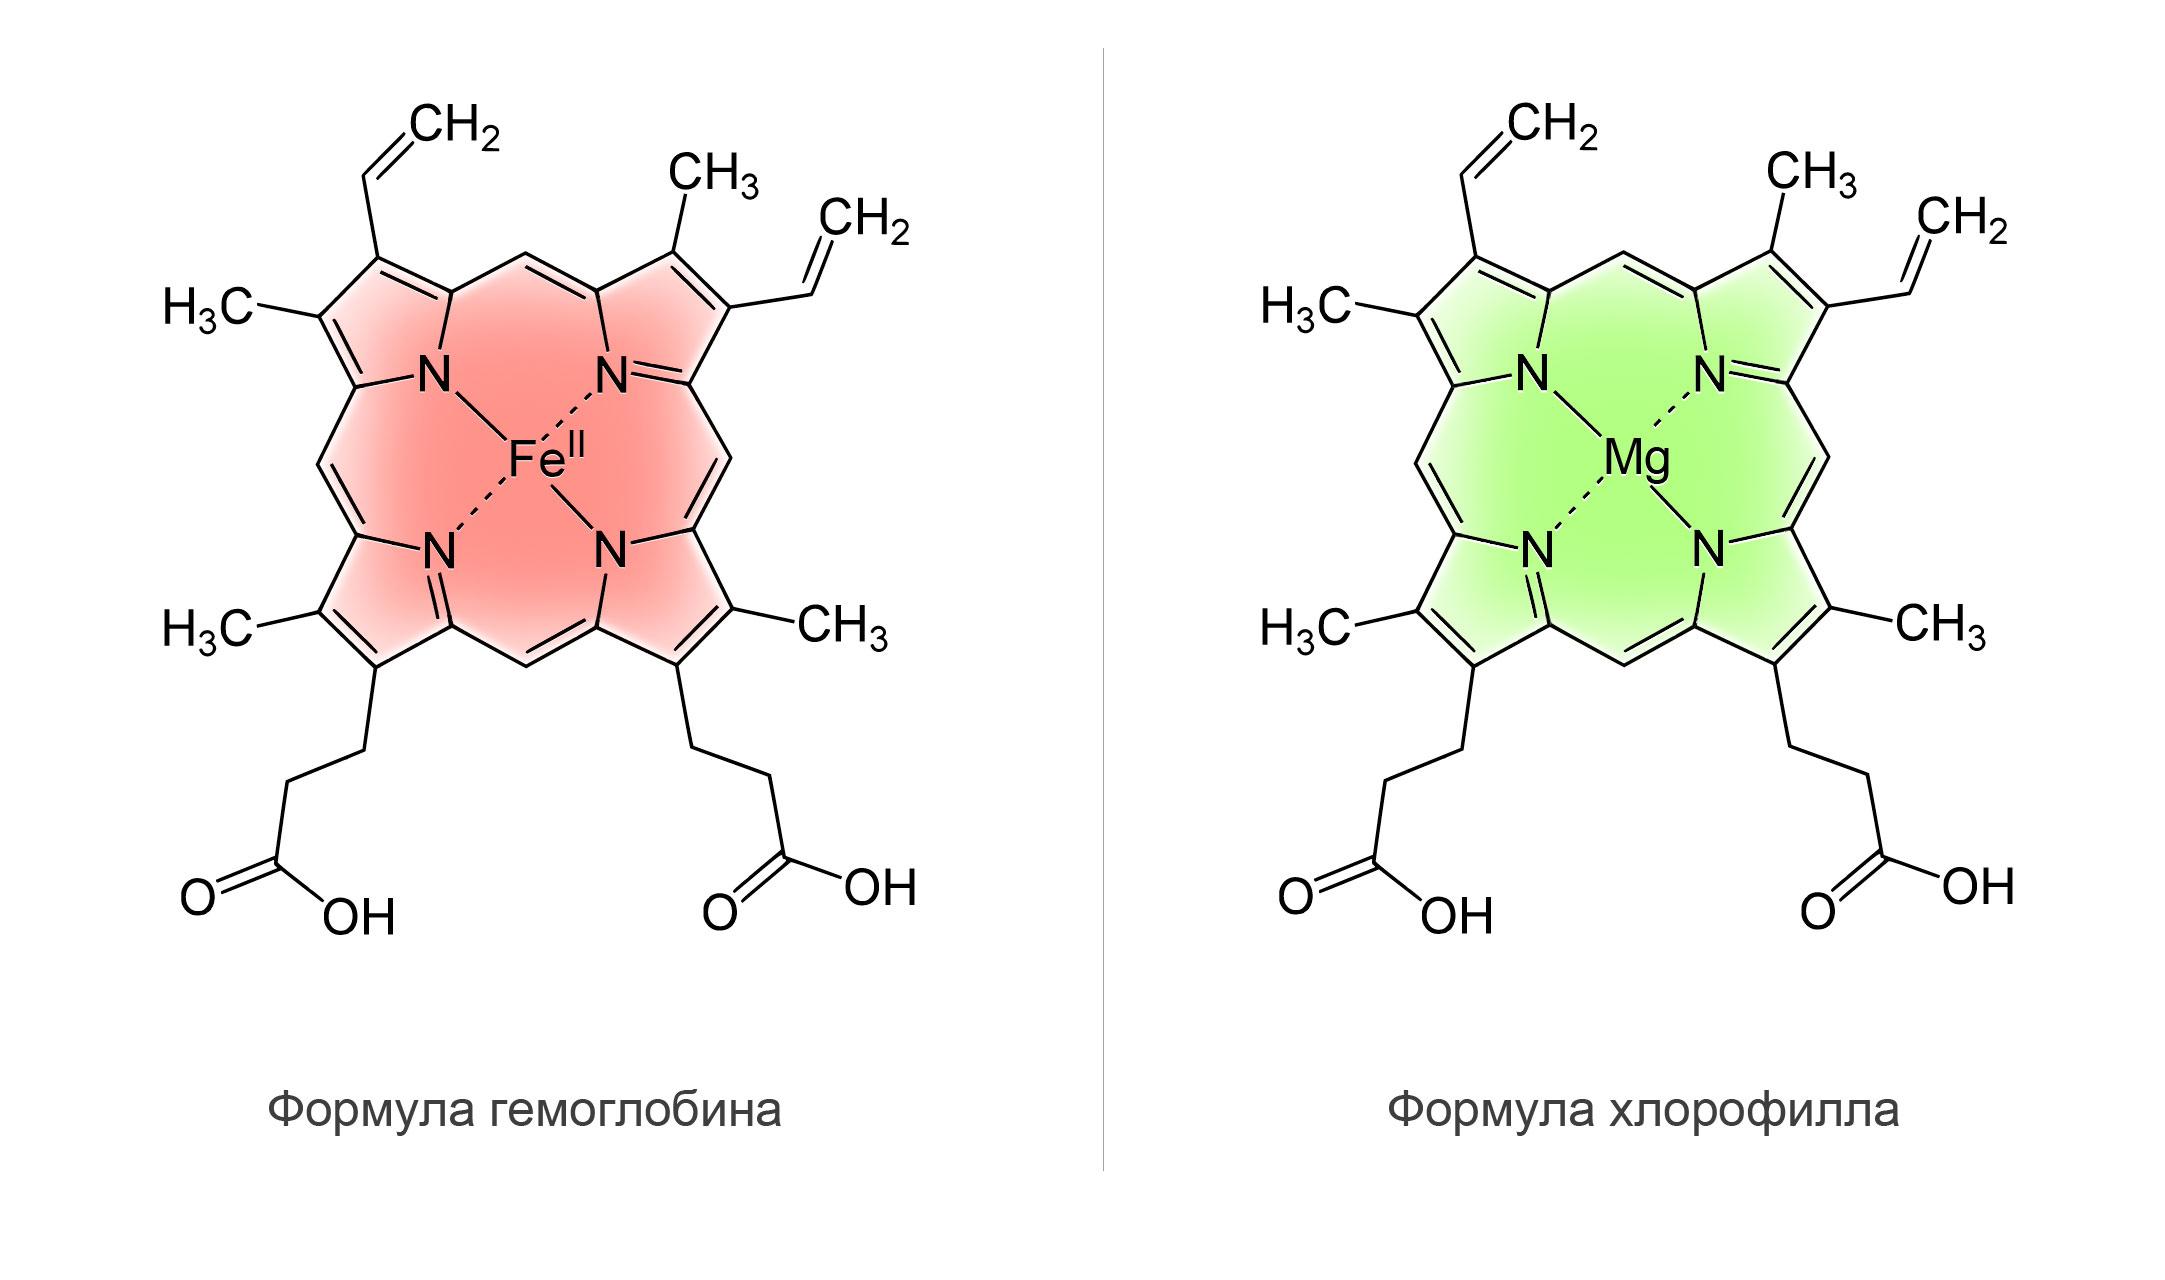 Хлорофилл имеет схожую структуру с гемоглобиномХлорофилл имеет схожую структуру с гемоглобином